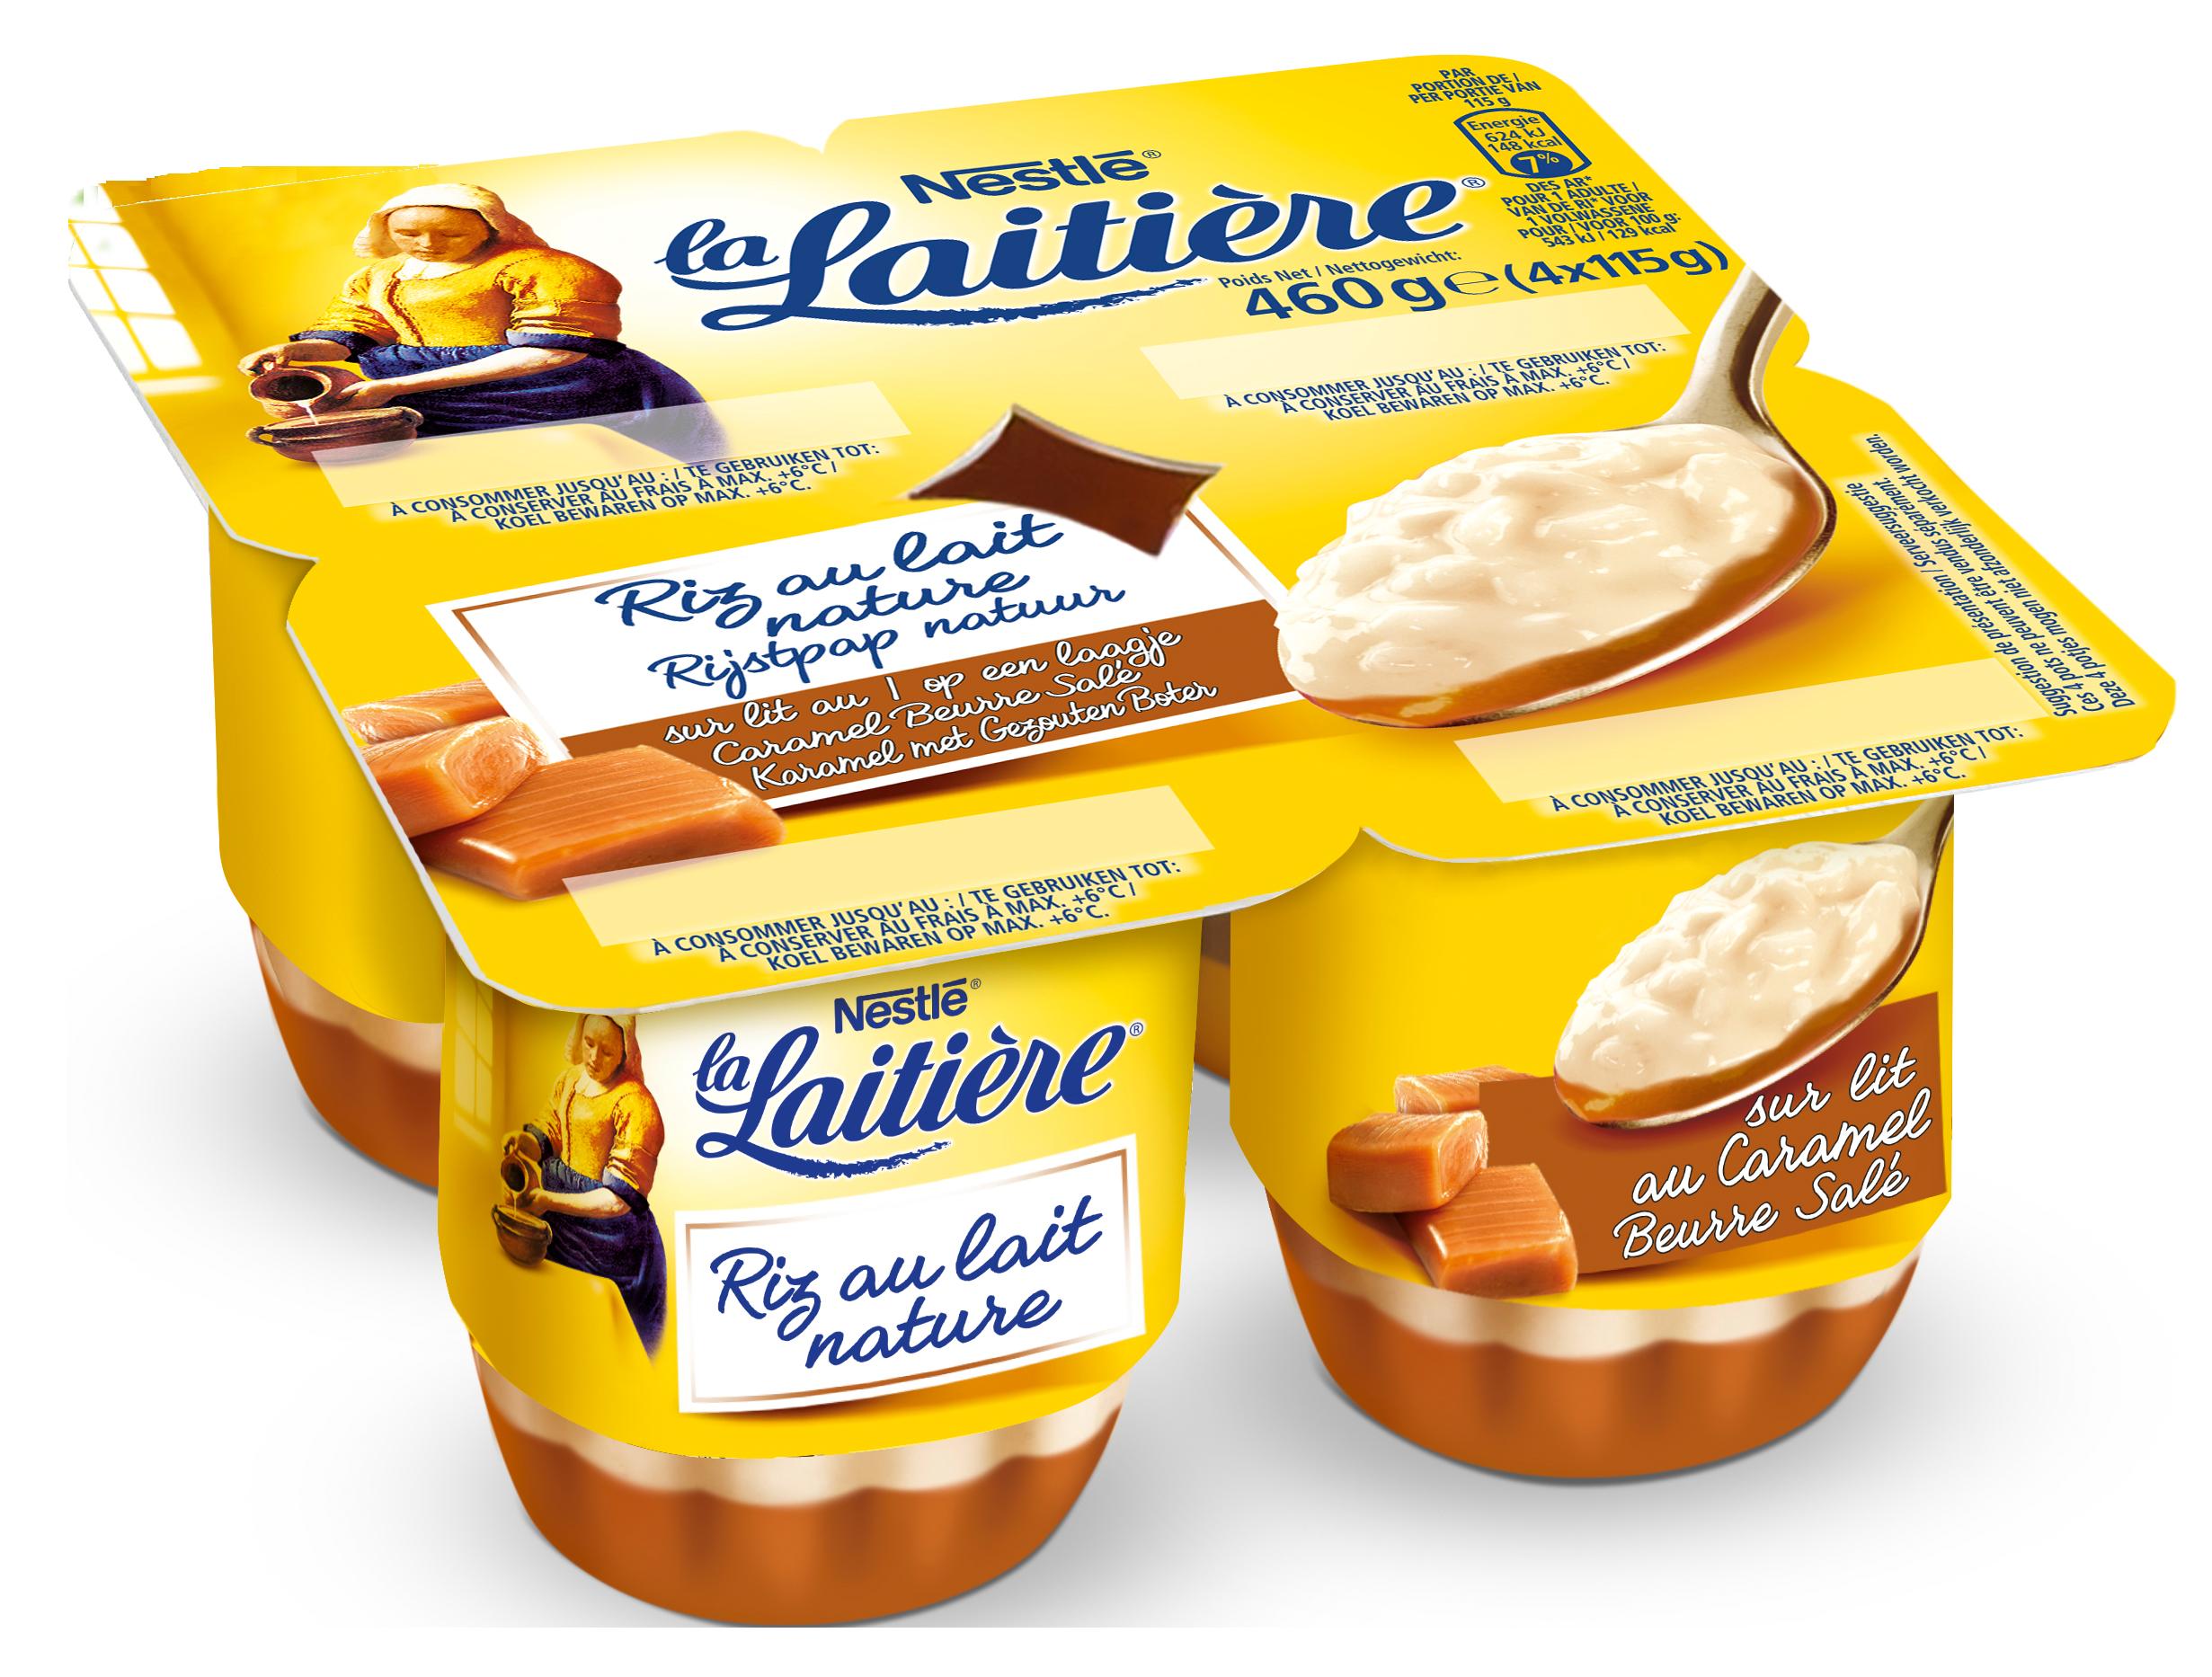 sur lit de caramel beurre salé